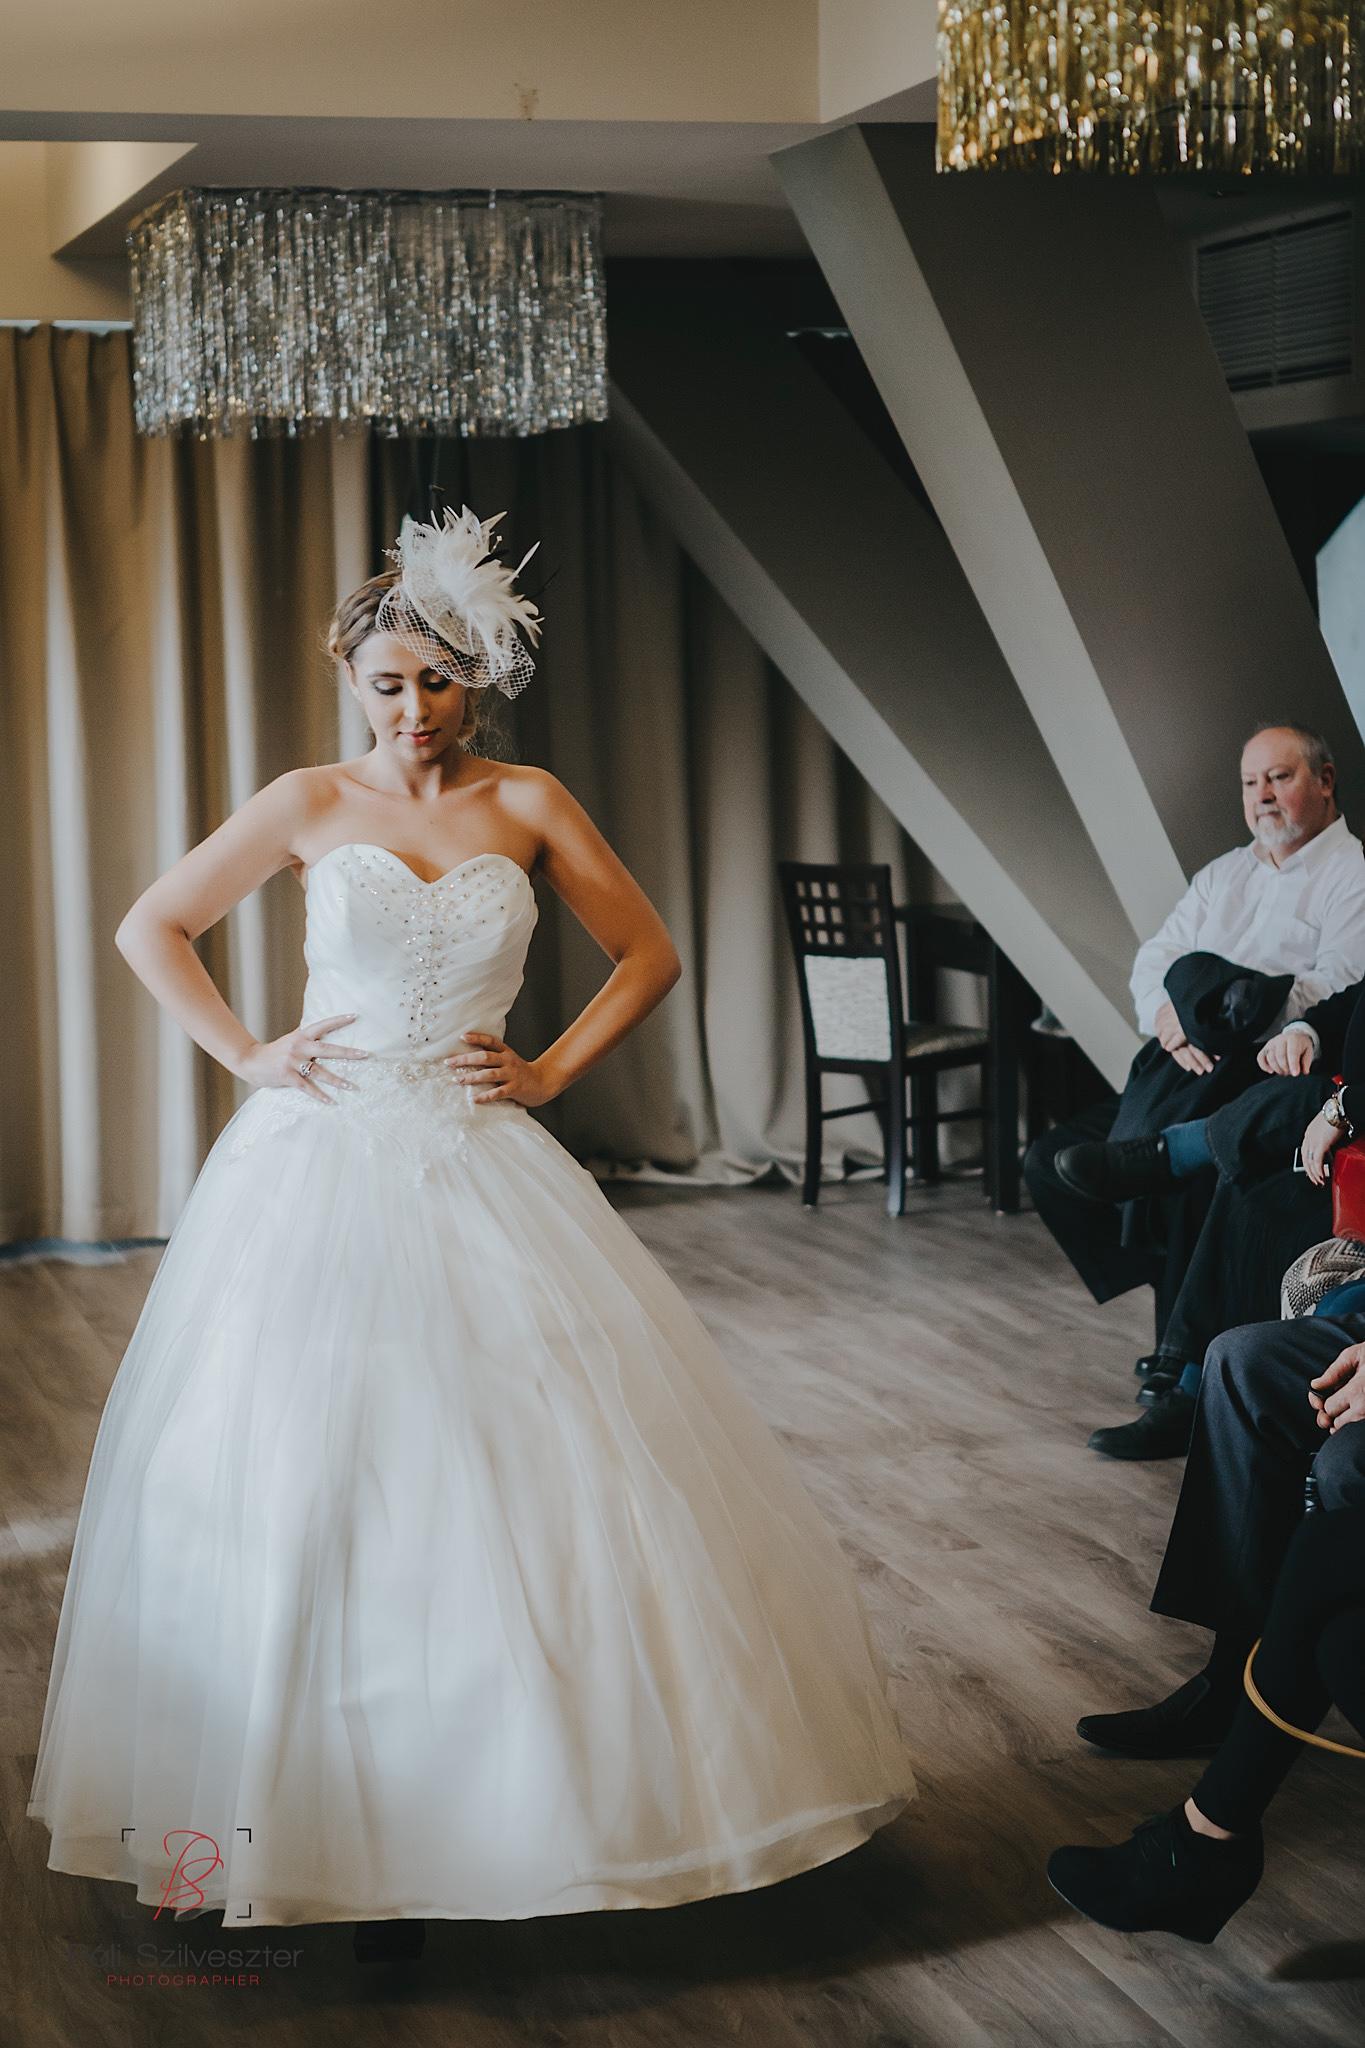 Páli-Szilveszter-székesfehérvári-esküvői-fotós-siófok-2016-02-28-1804.jpg